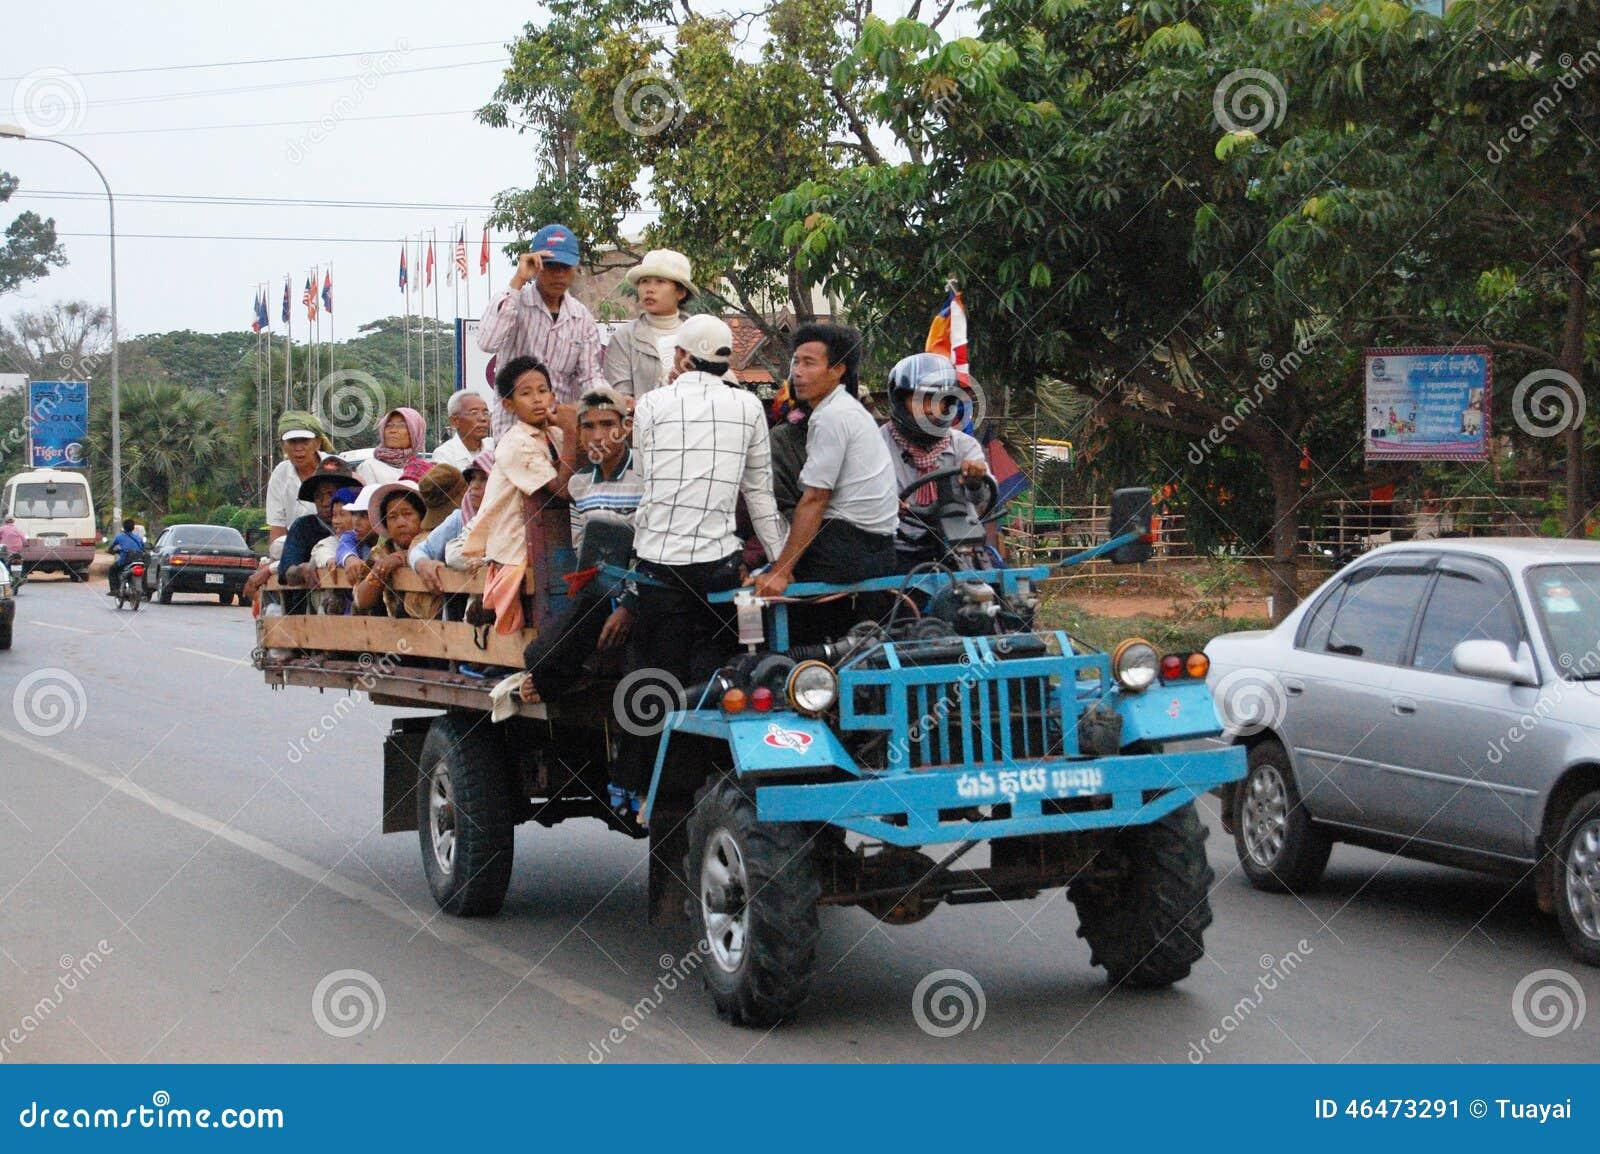 Les personnes cambodgiennes sur le tracteur ou le chariot pour vont au lieu de travail